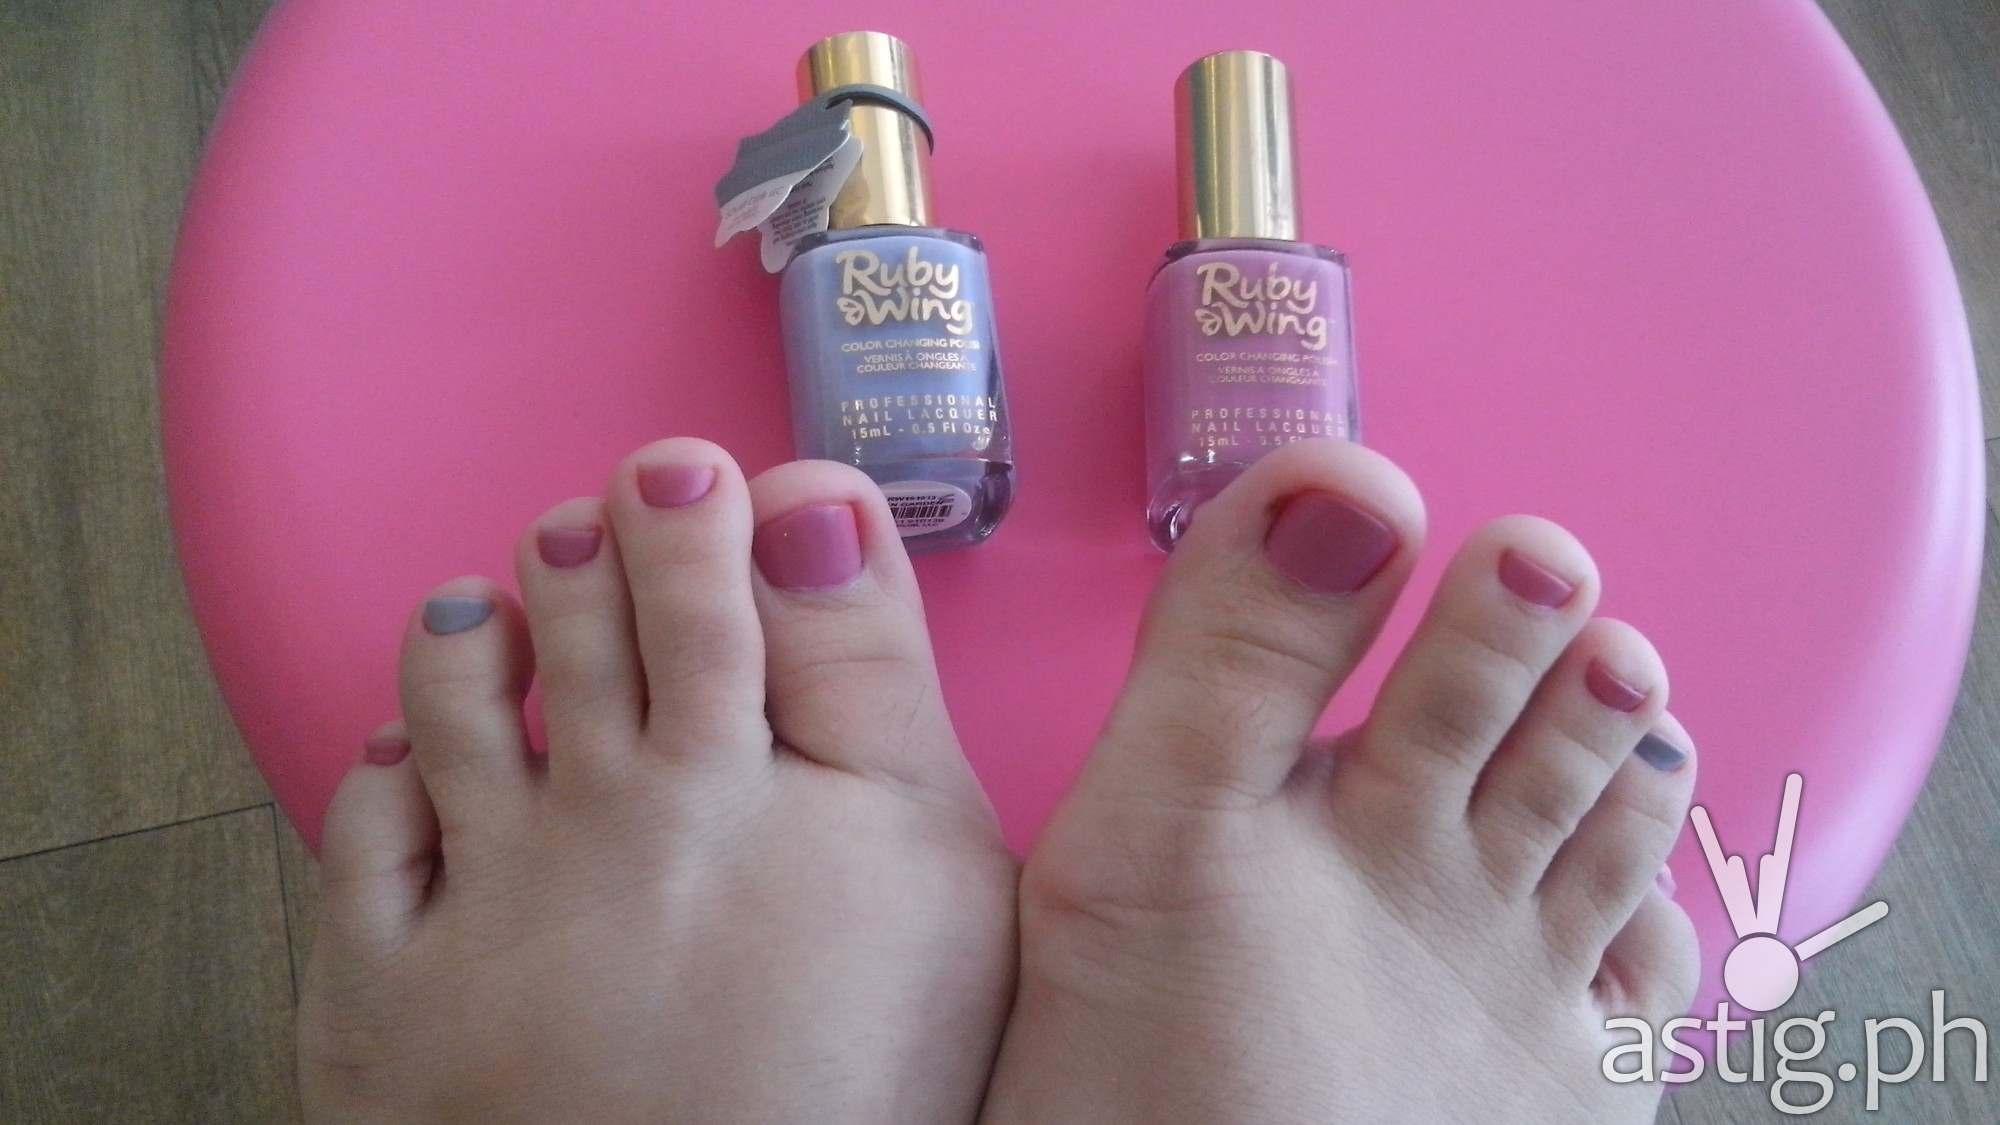 Make Me Blush Nail Spa Beauty Lounge Astigph